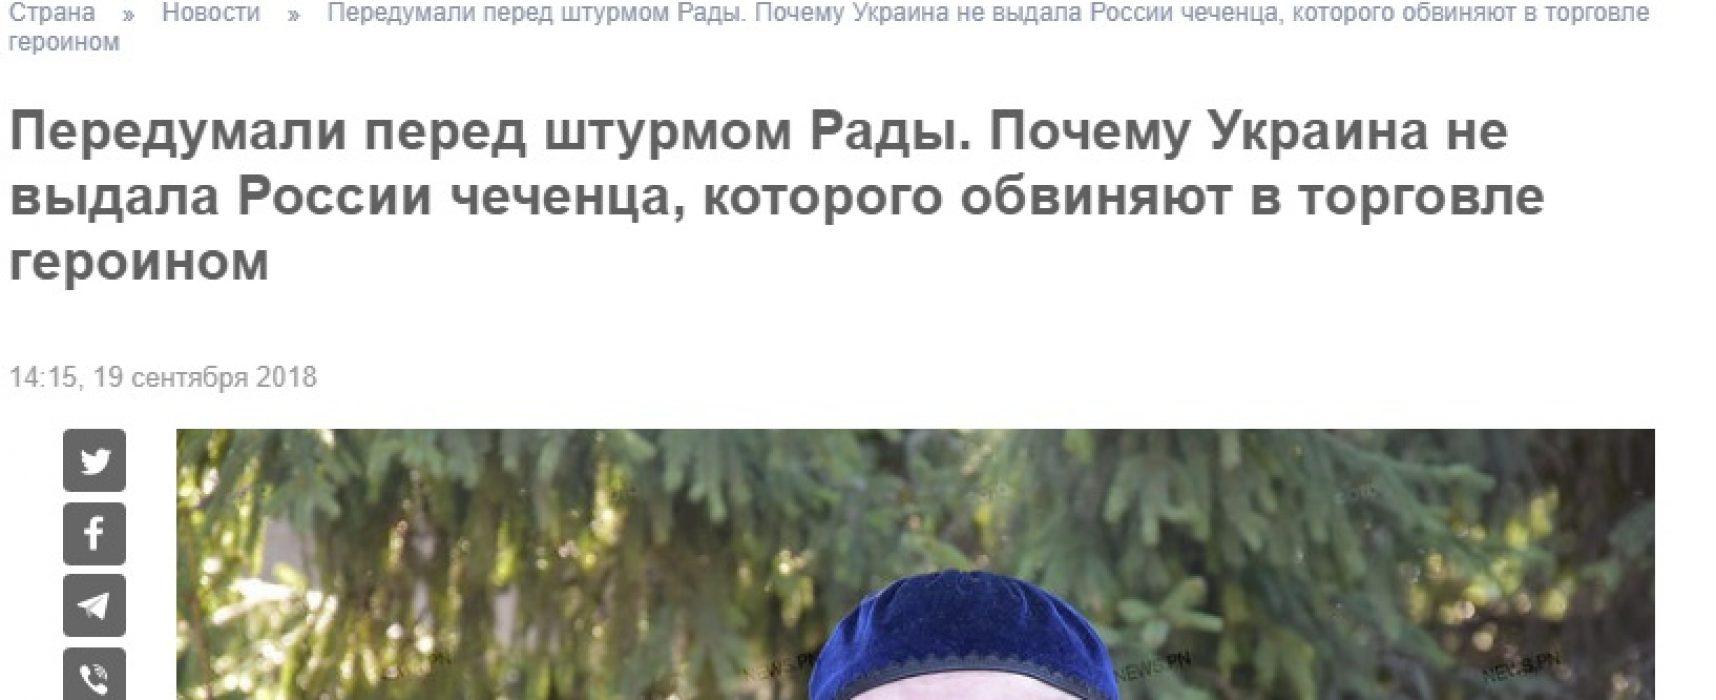 Manipulativ: Ukr. Staatsanwaltschaft von Neonazis eingeschüchtert, entlässt tschetschenische Kämpfer aus Haft